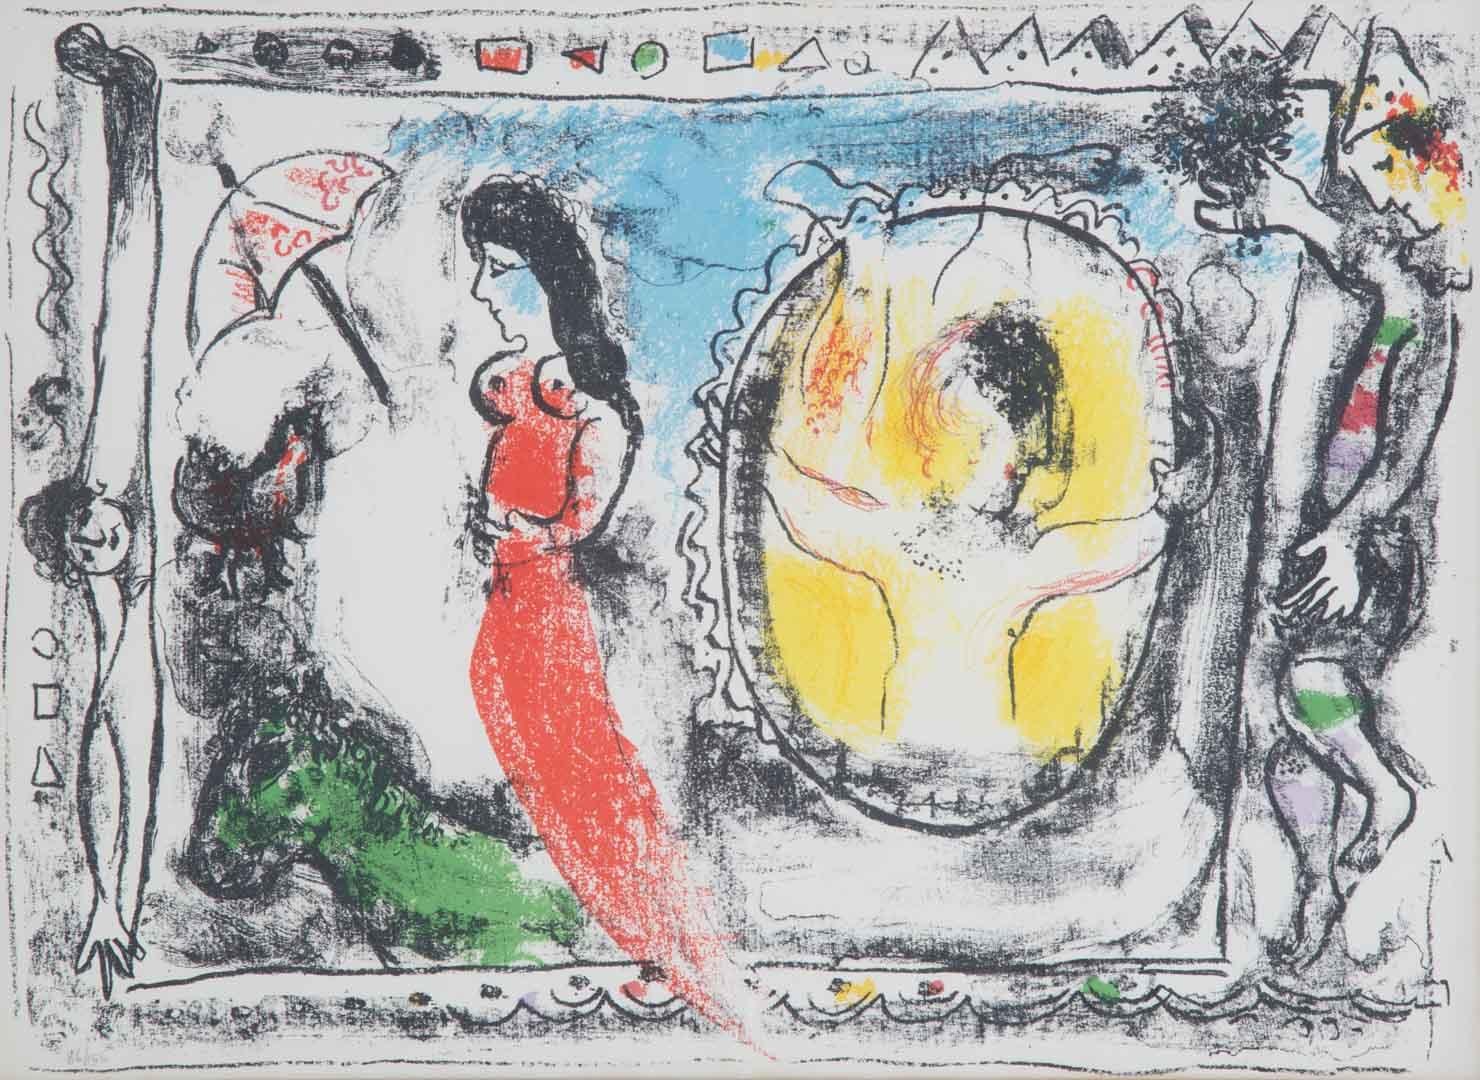 Marc chagall derriere le miroir color lithograph for Chagall derriere le miroir